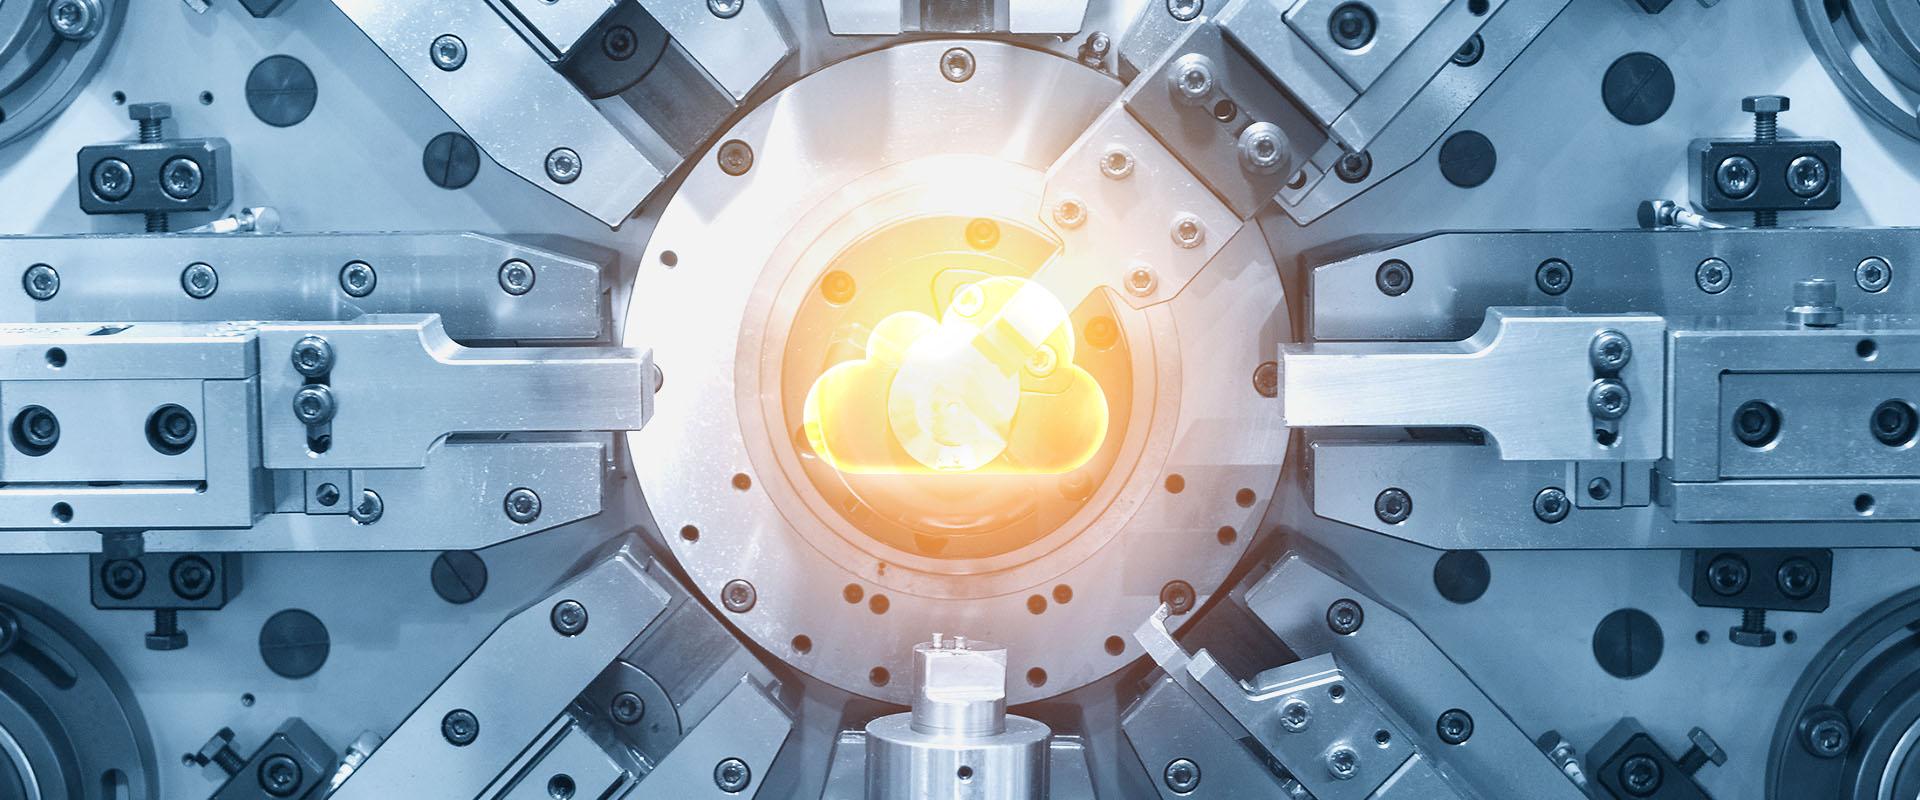 【活動】善用雲端運算,快速實現智慧製造